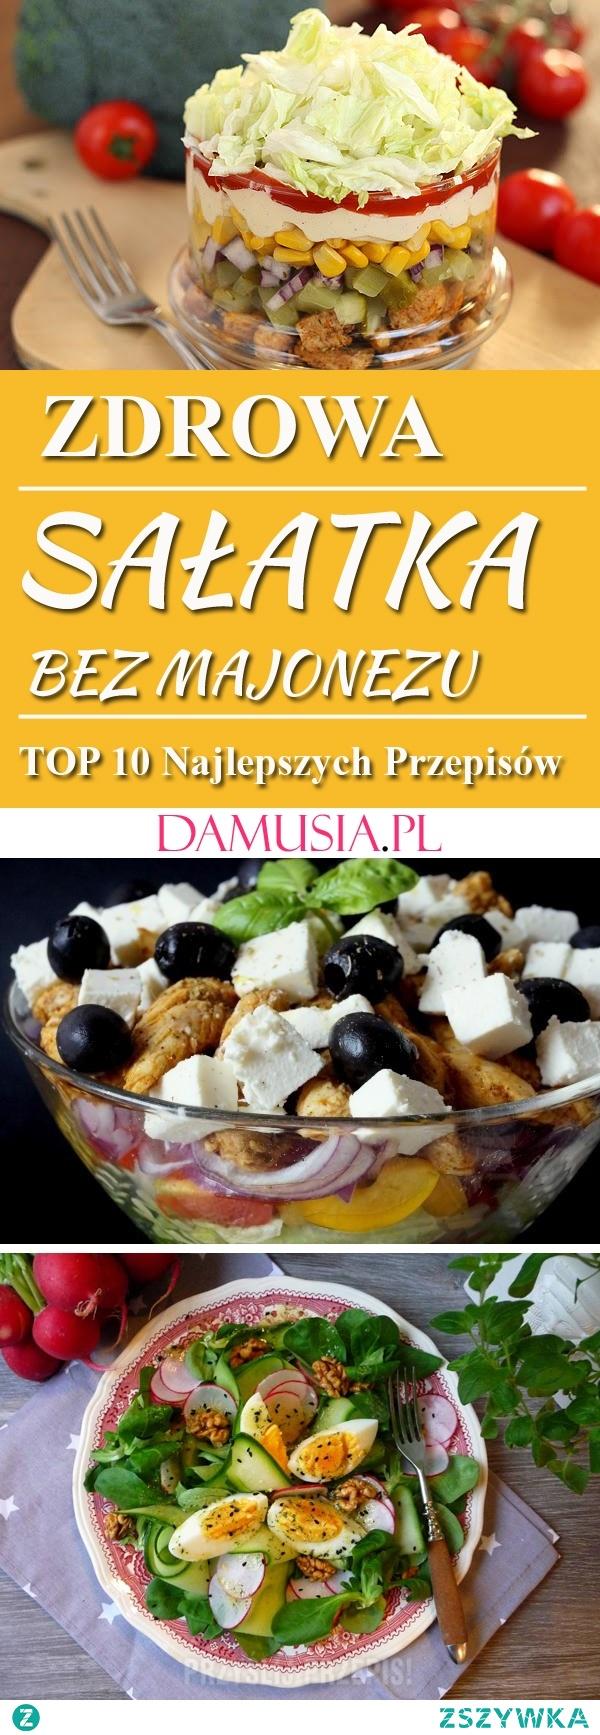 Zdrowa Sałatka Bez Majonezu – TOP 10 Najlepszych Przepisów na Sałatkę Która Nie Pójdzie w Biodra!